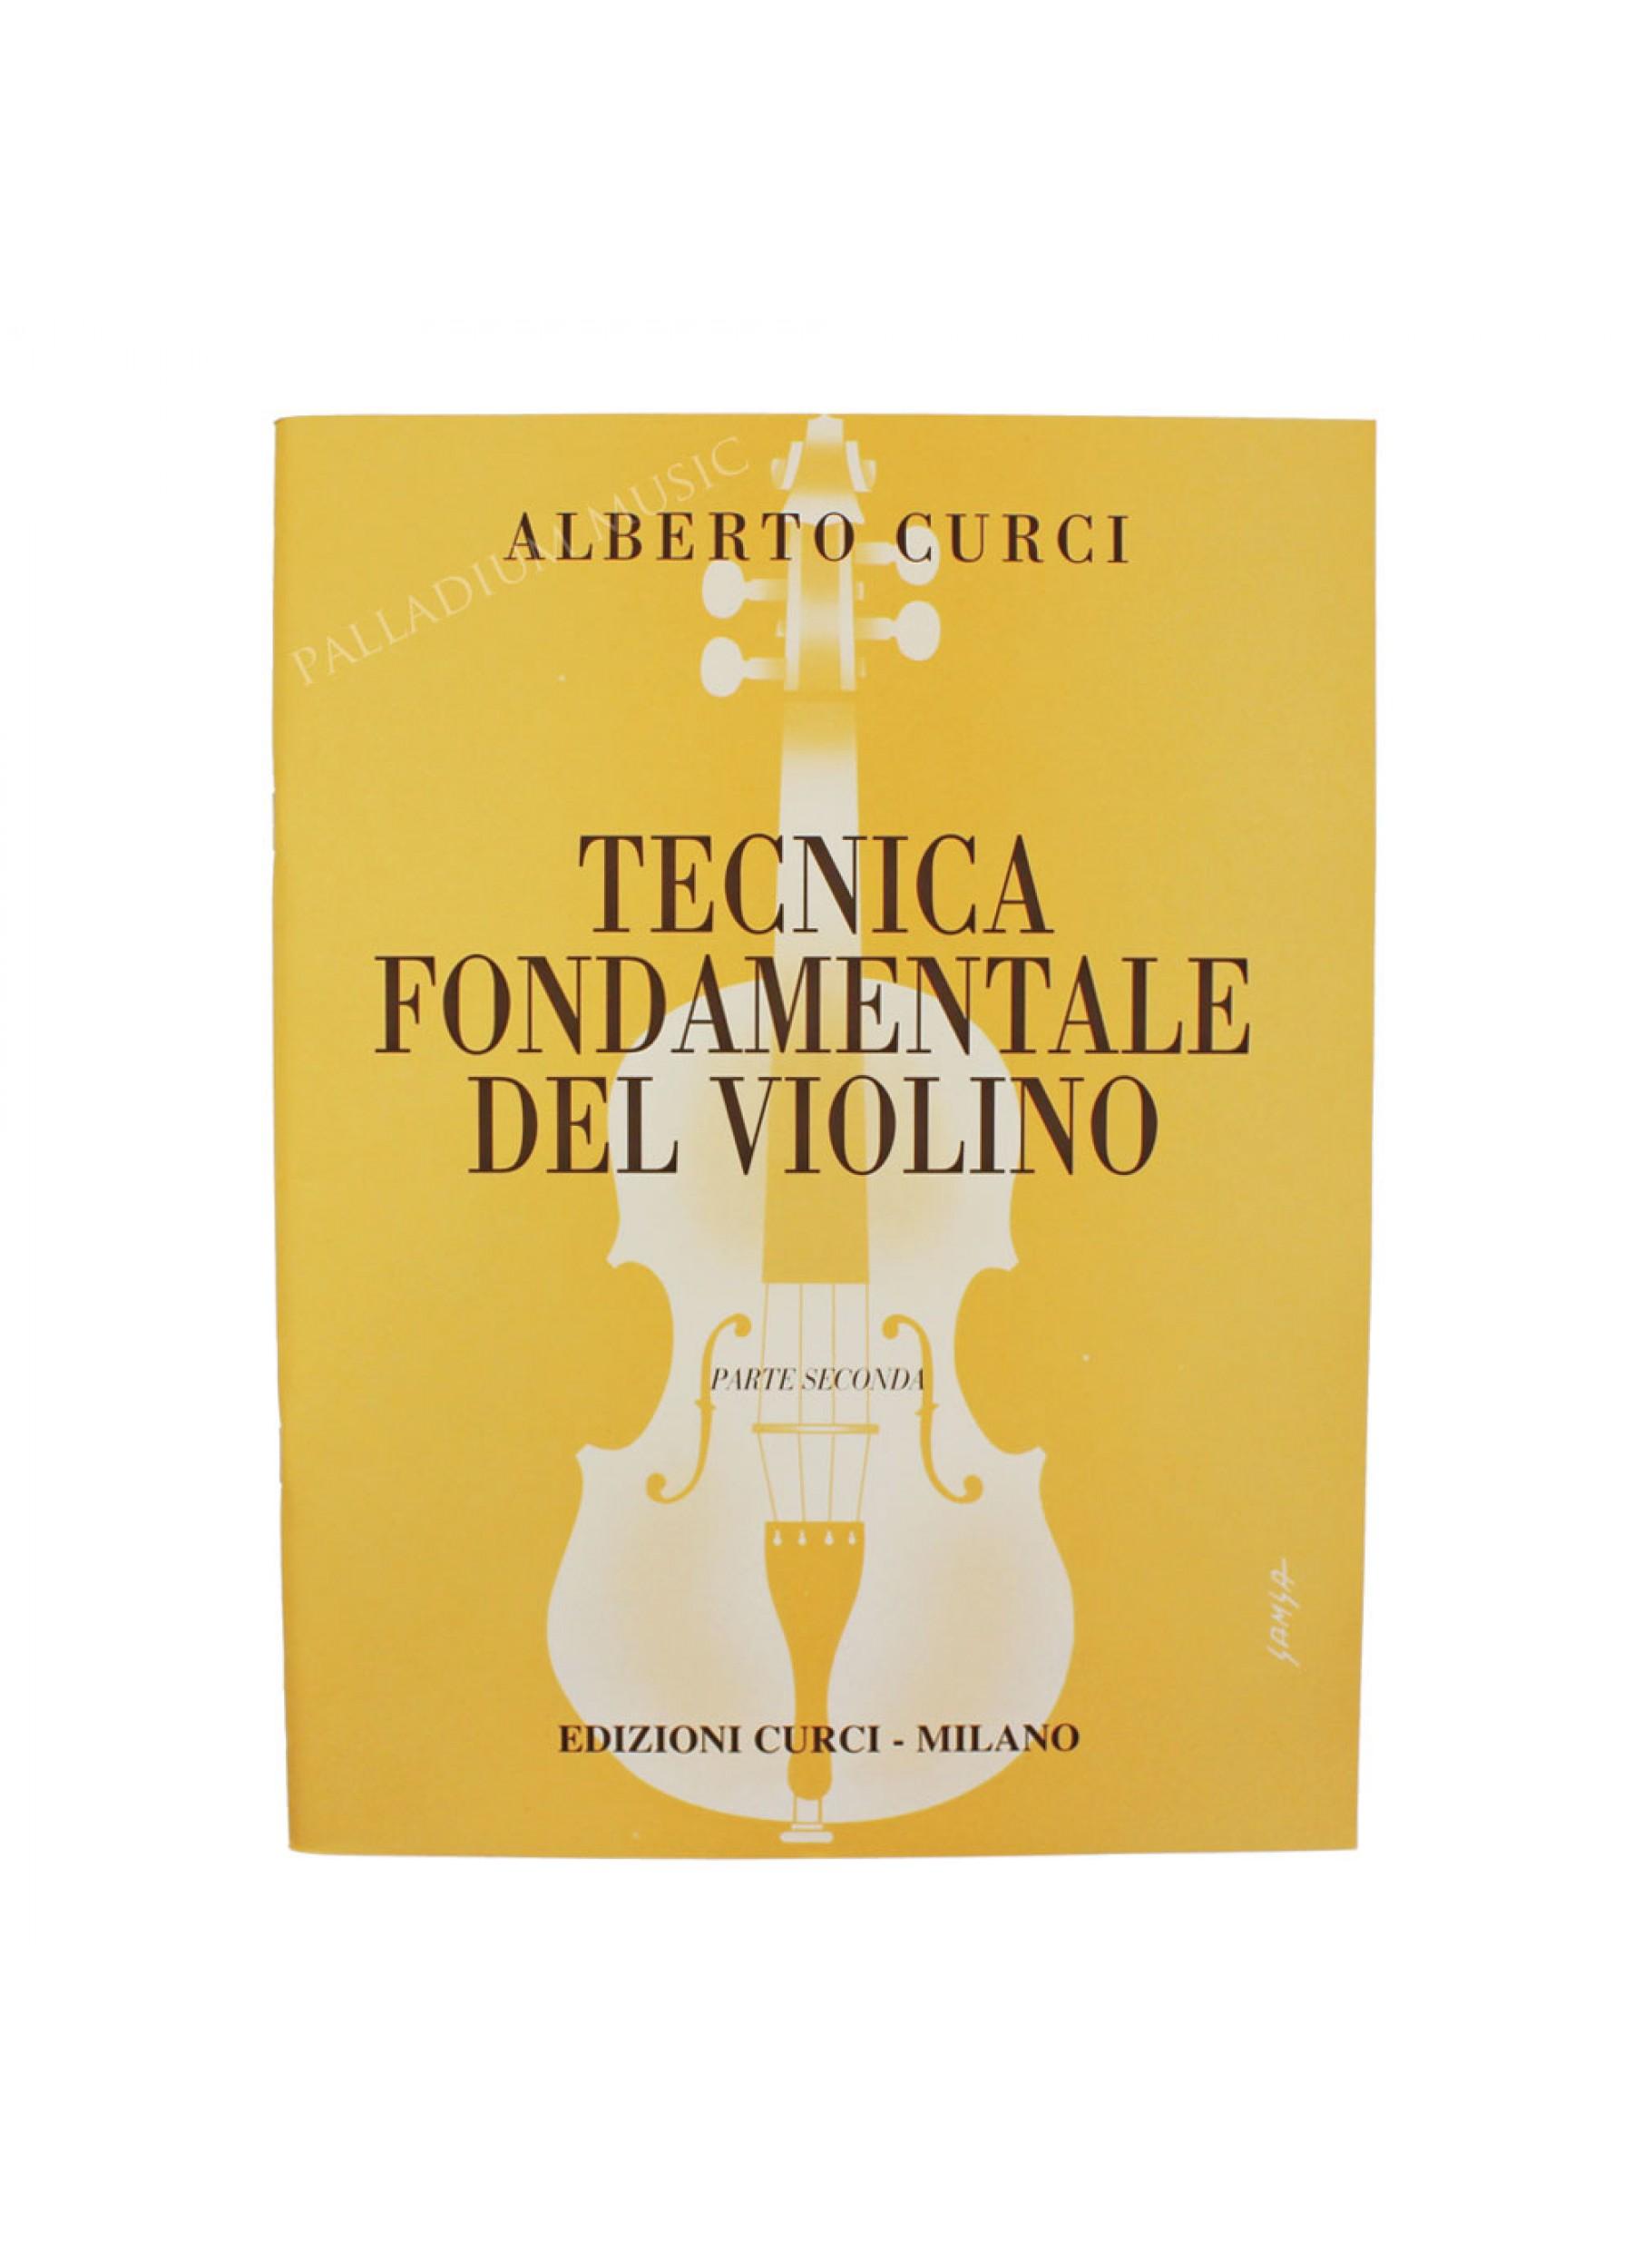 tecnica fondamentale del violino parte 2  Tecnica fondamentale del Violino, perte seconda